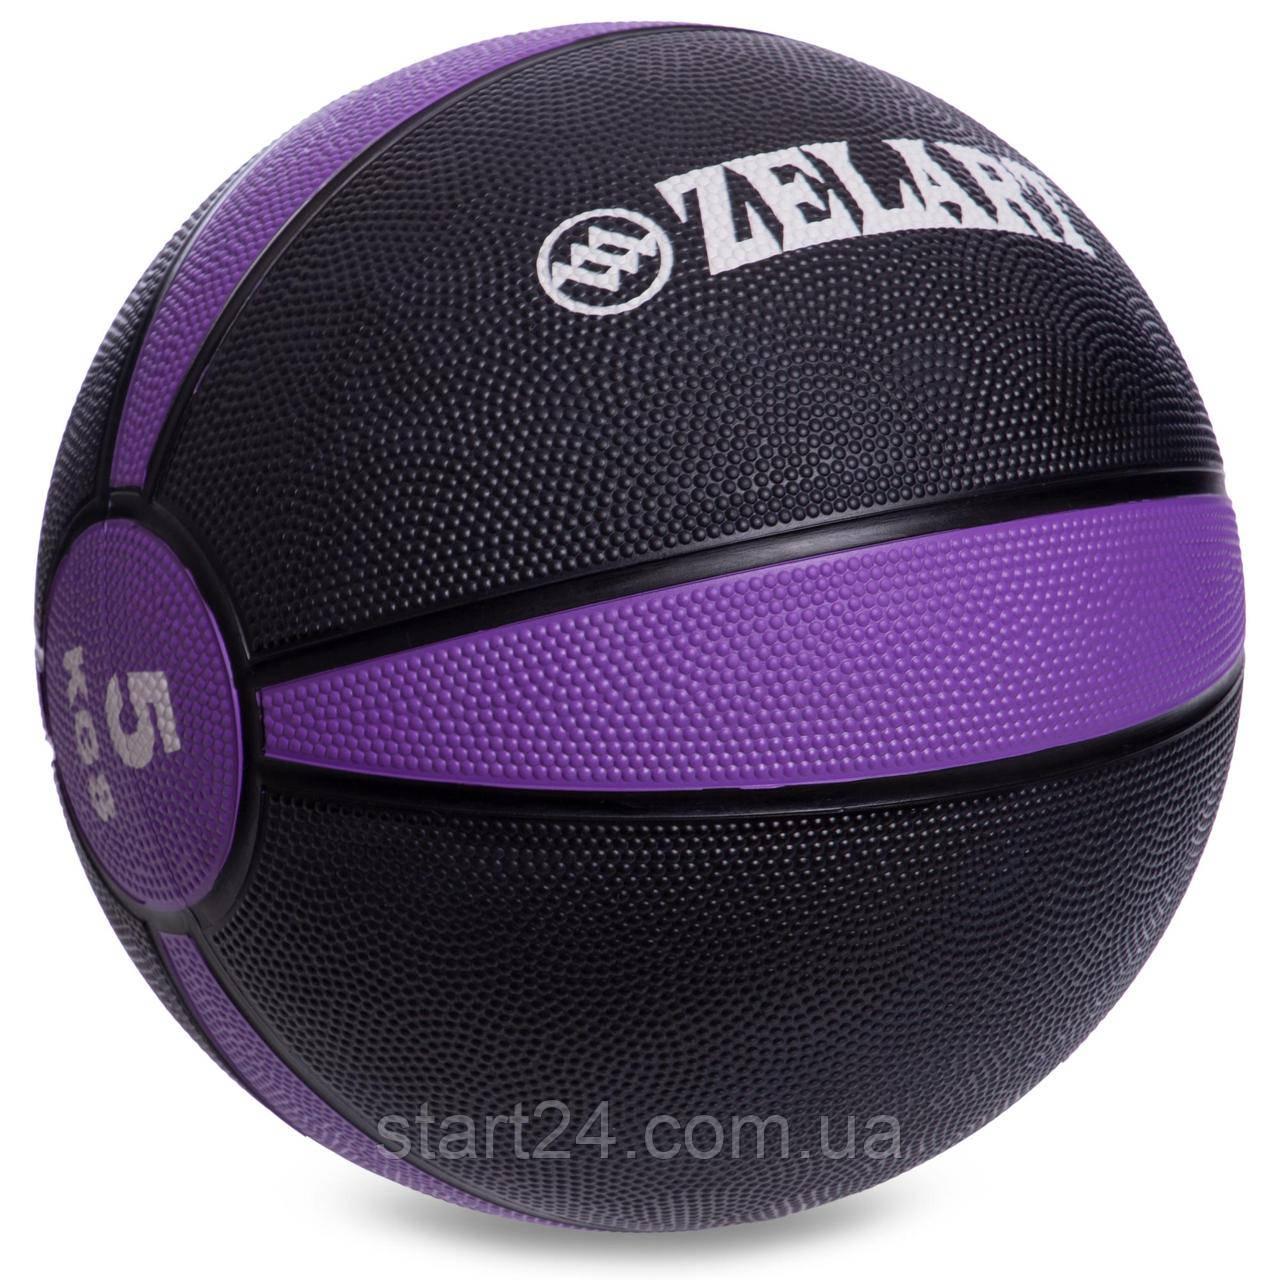 М'яч медичний медбол Zelart Medicine Ball FI-5122-5 5кг (гума, d-24см, чорний-фіолетовий)